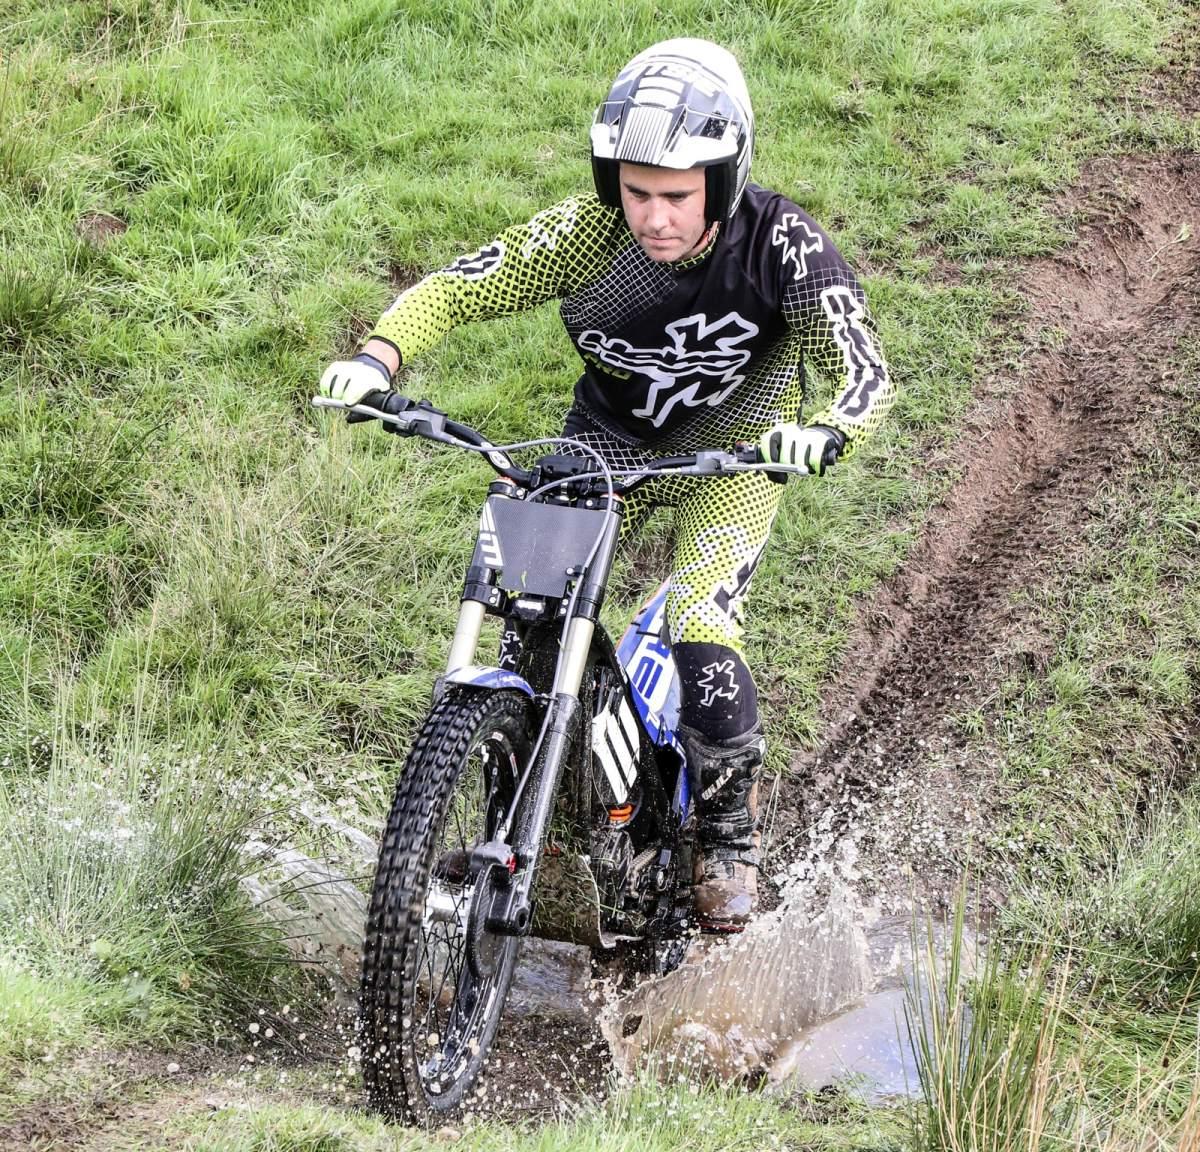 A trials bike crosses a stream